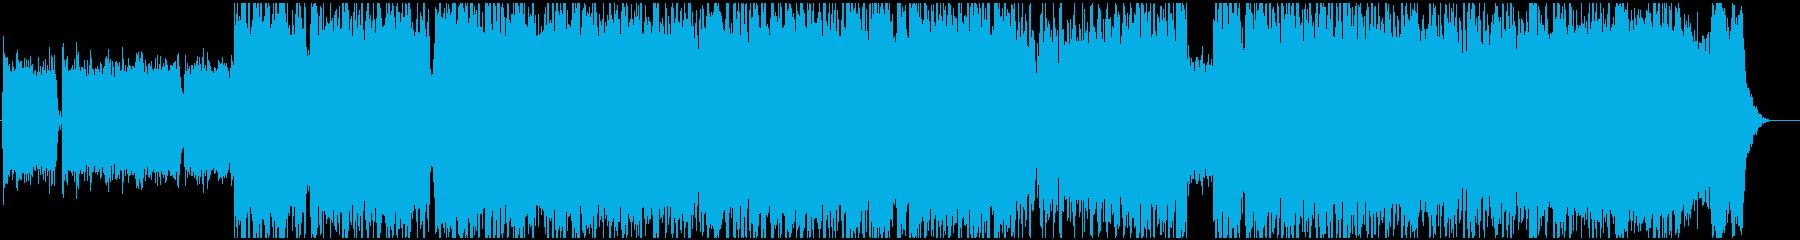 固め、濃いめ、ゴリ押しのハードロックの再生済みの波形